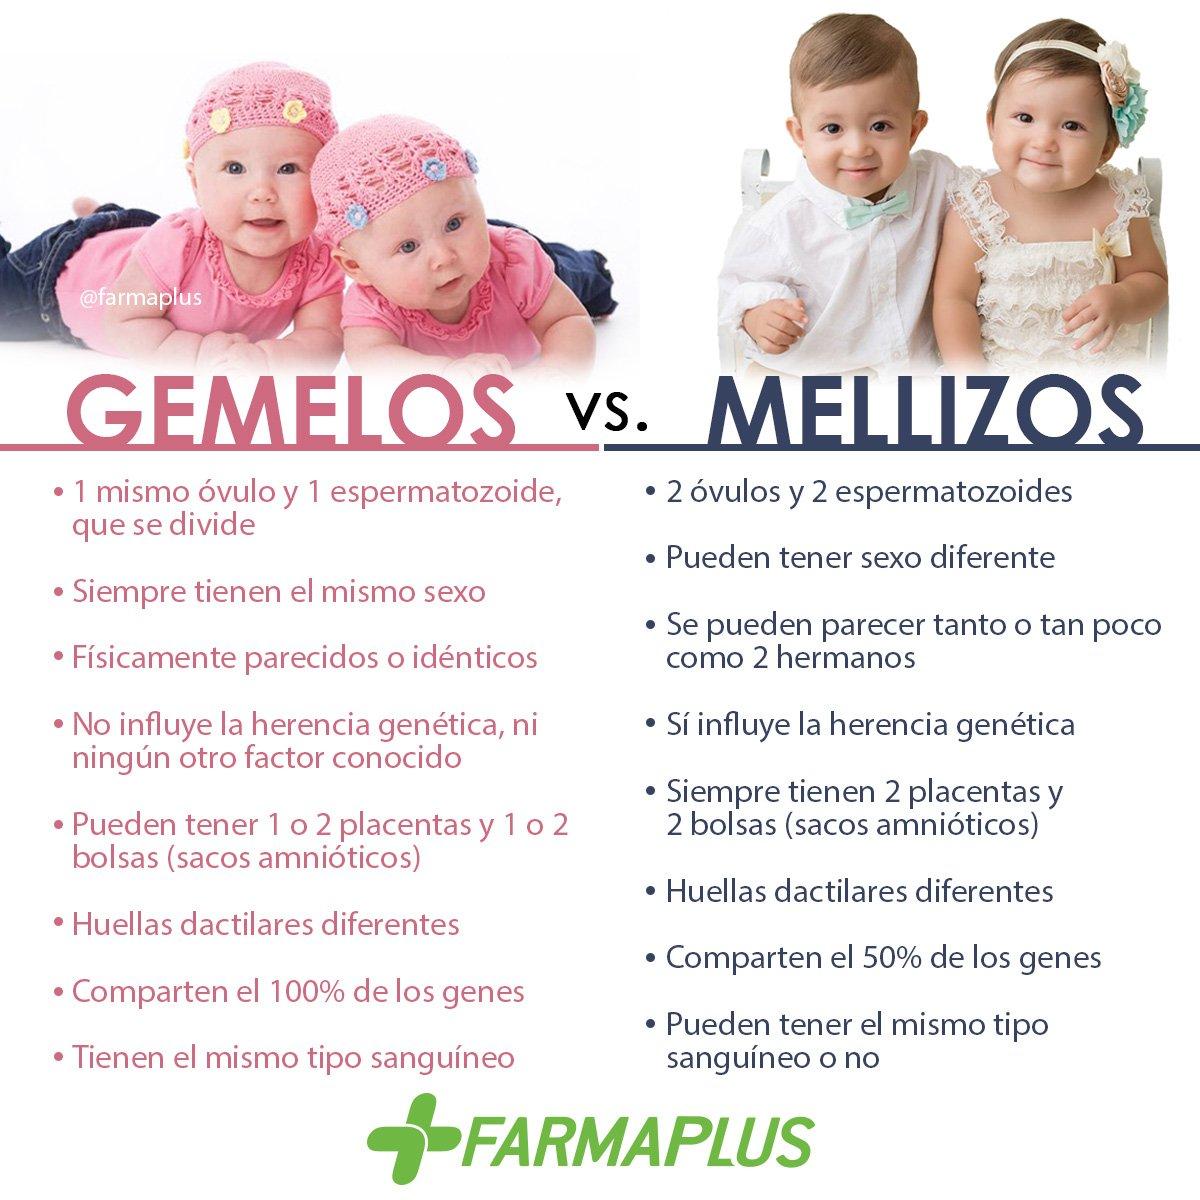 Twitter पर Farmaplus Sabes La Diferencia Entre Gemelos Y Mellizos Acá Te Lo Explicamos En El Siguiente Post Coméntanos Tu Opinión Salud Https T Co Xjwqud6d6f